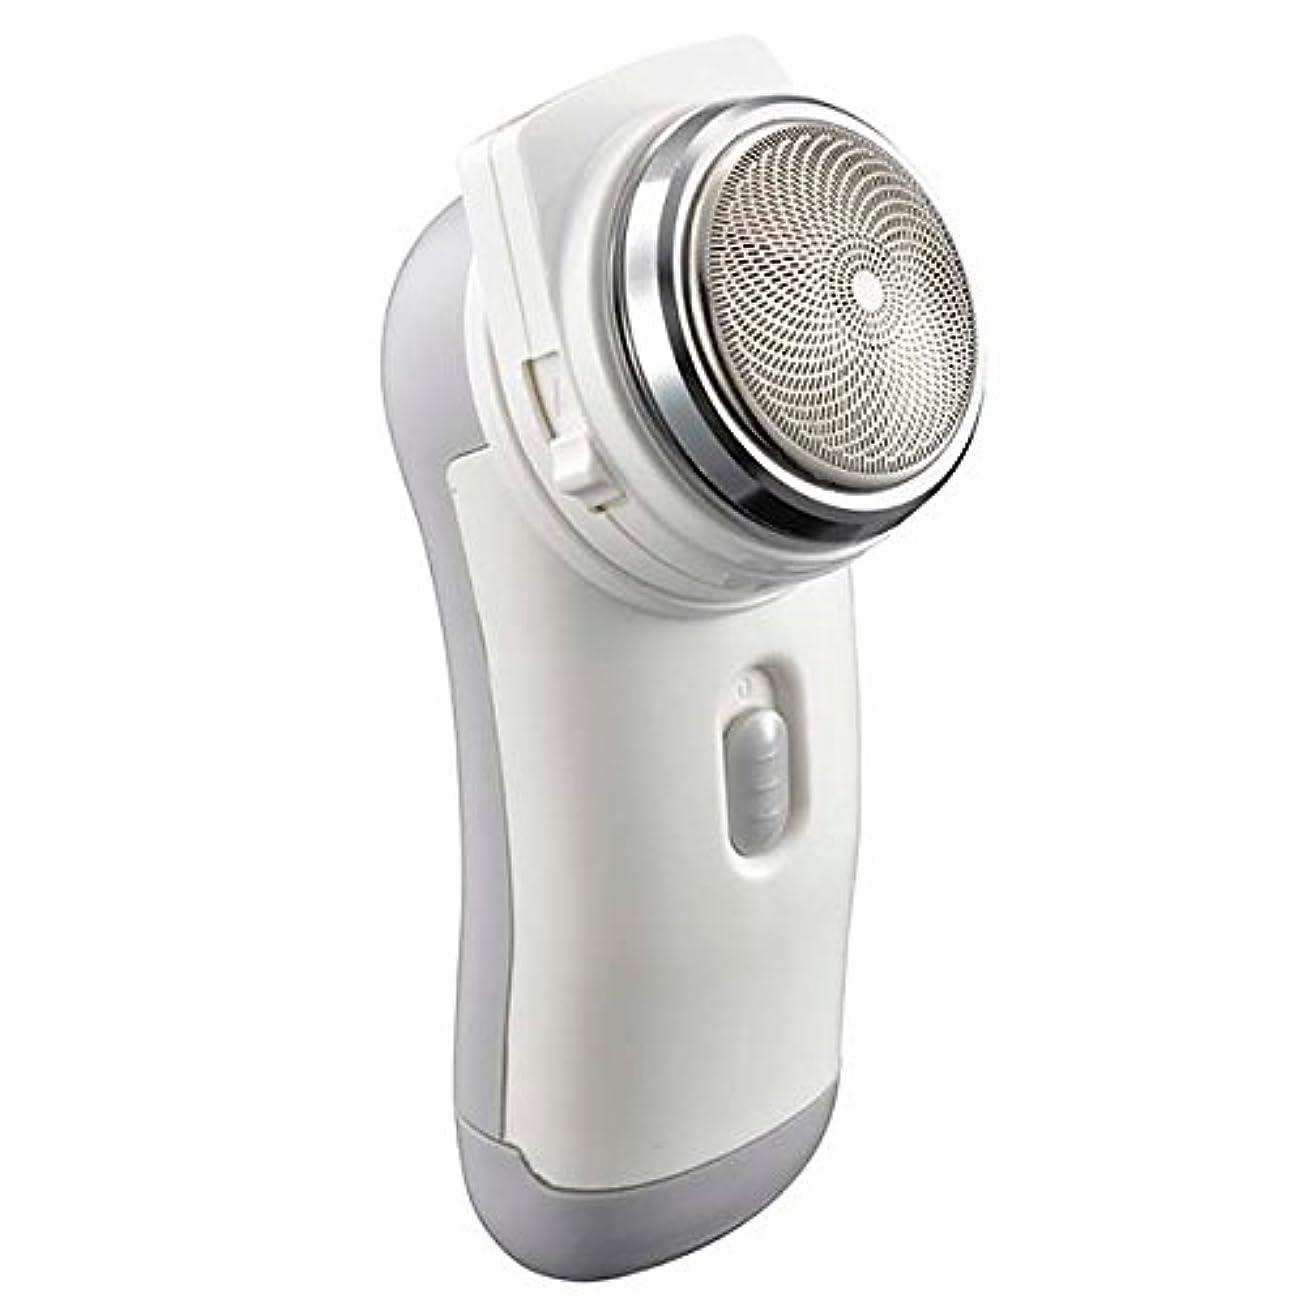 みがきます可能にするアンケートシェーバー メンズ ポケットシェーバー 携帯便利 静音回転式 もみあげ対応 電池式 キワゾリ刃付き 高性能シェーバー 髭剃り ひげそり 男性用 回転式ポケットシェーバー プレゼントにも最適